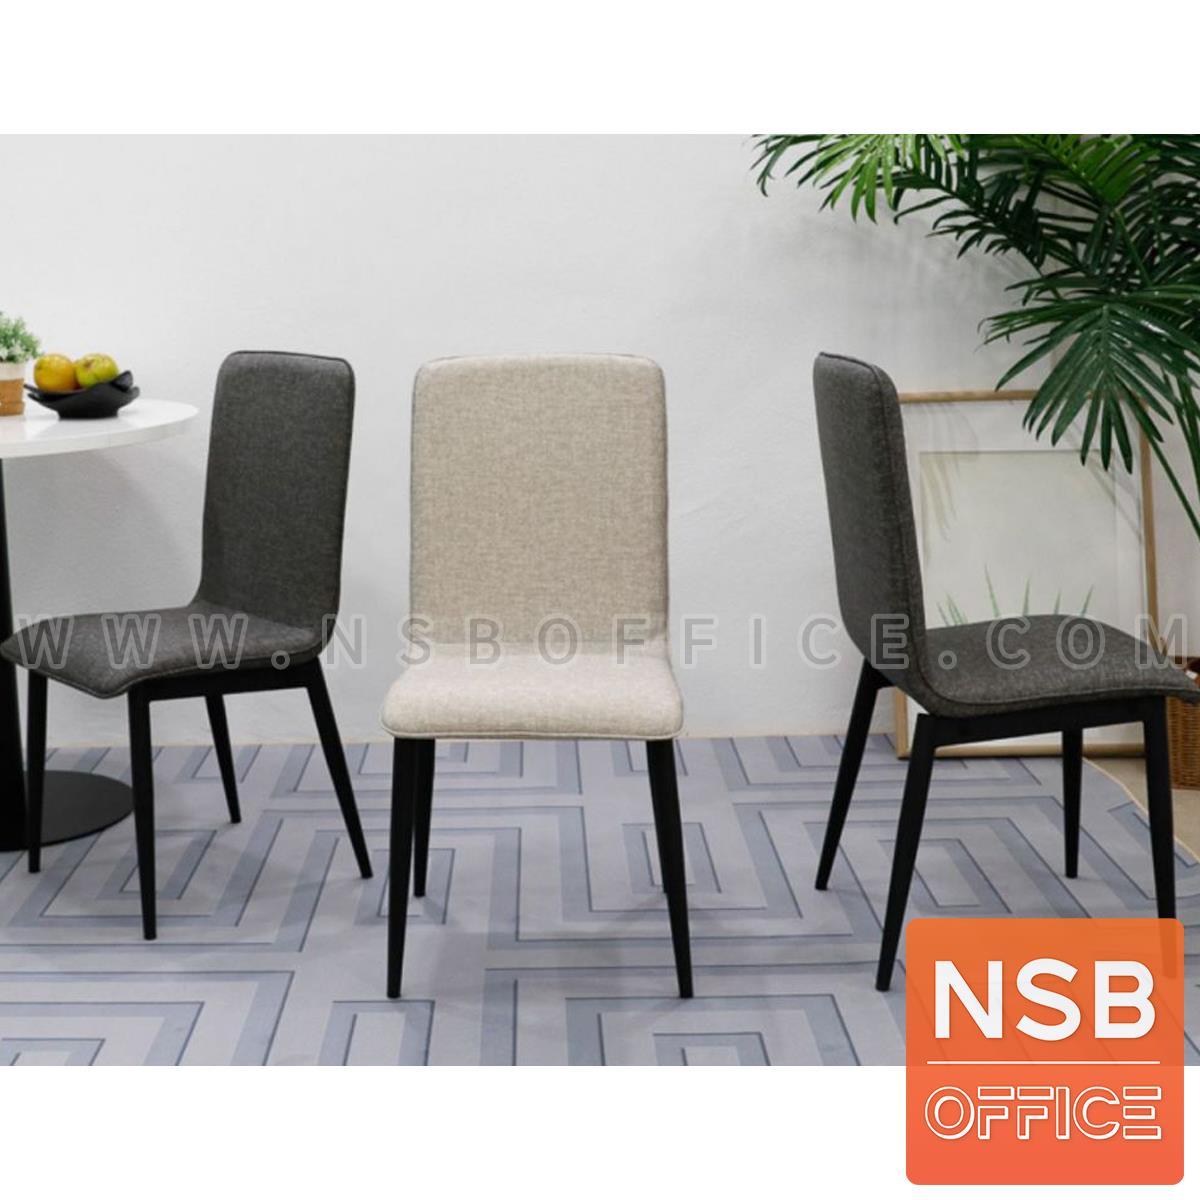 B22A203:เก้าอี้รับประทานอาหาร รุ่น Bayliss (เบลิส)  หุ้มผ้า โครงขาเหล็ก